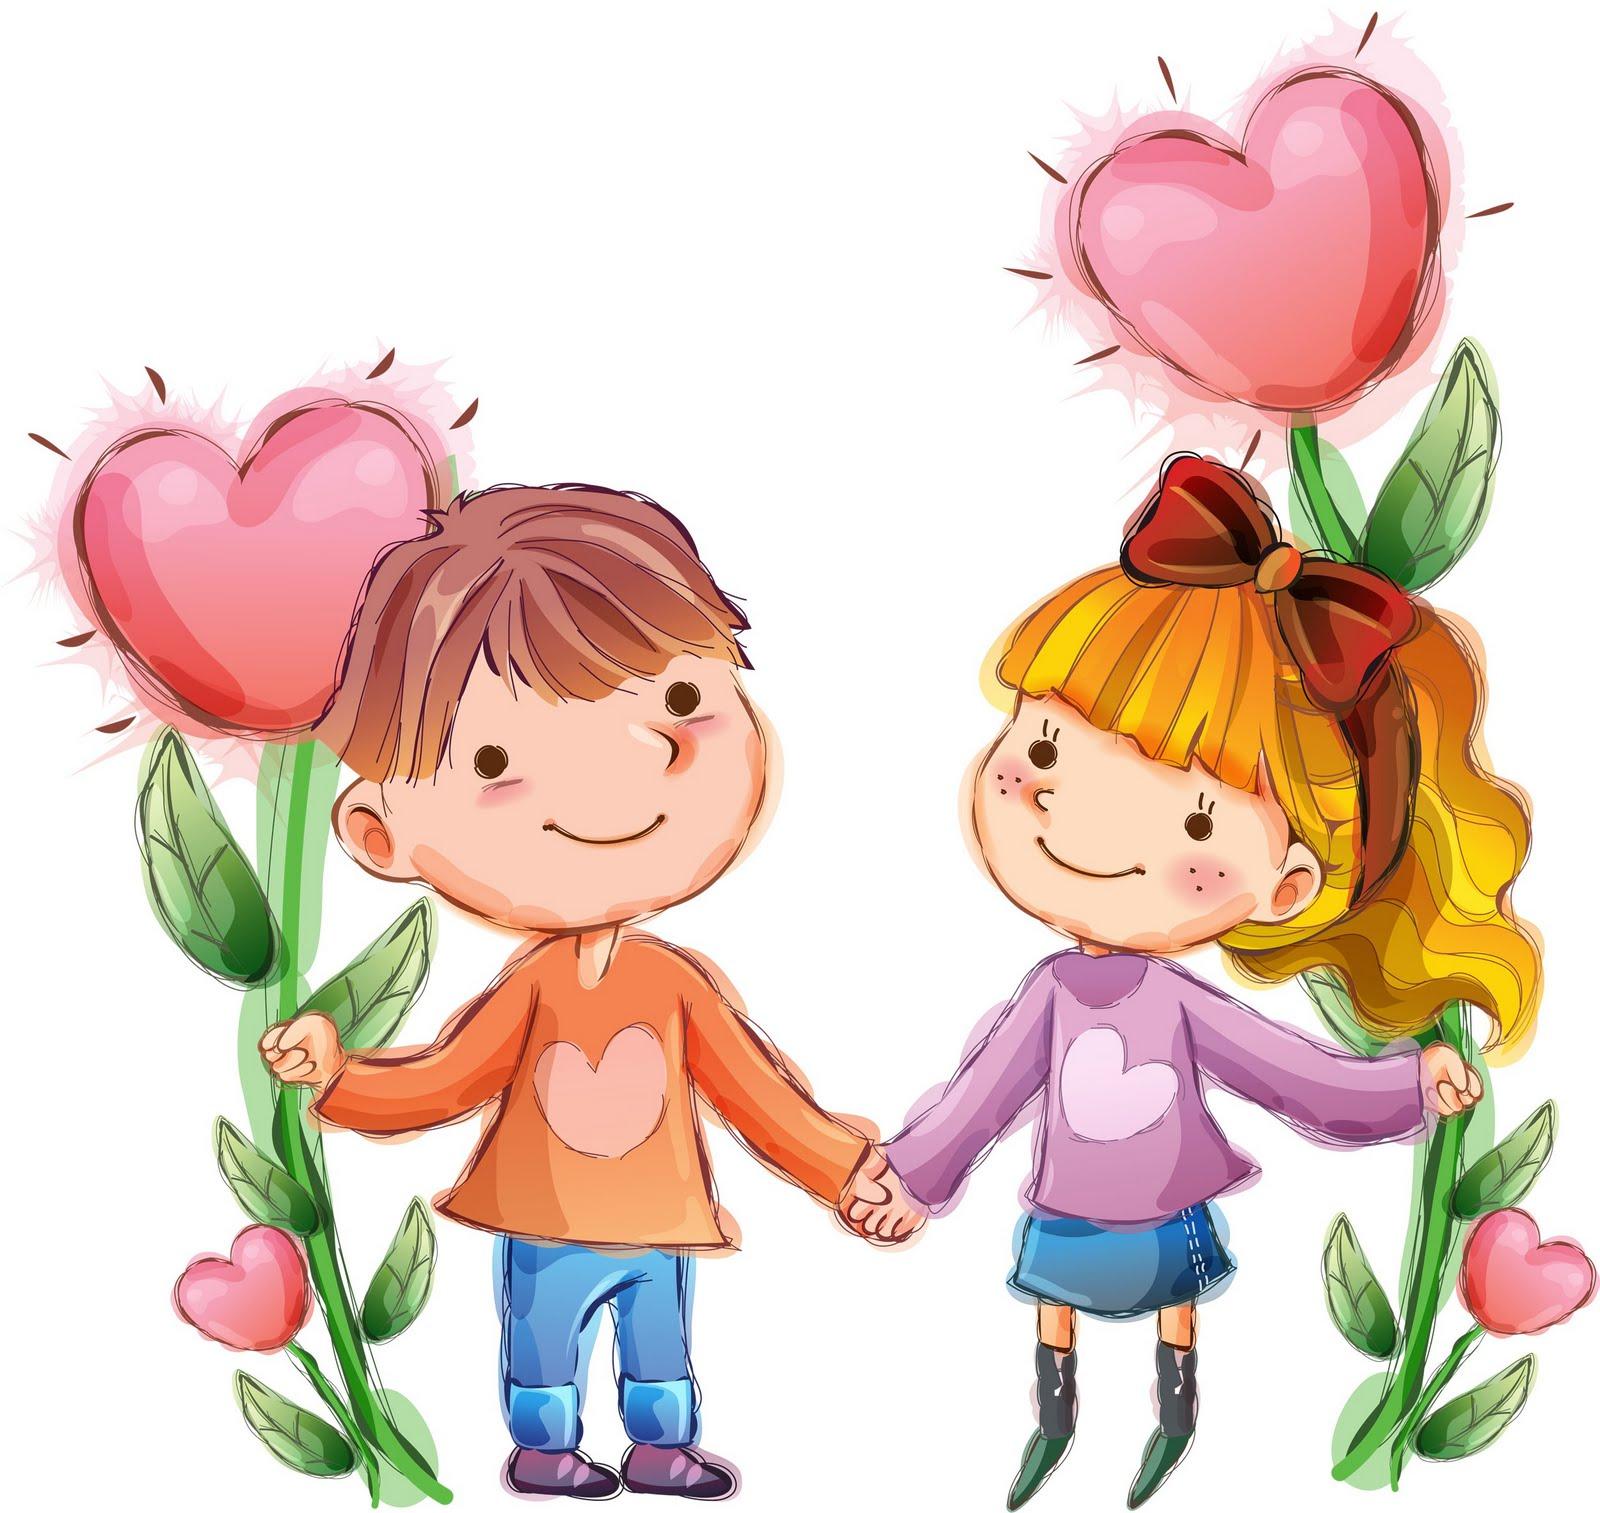 Imagenes De Personas Felices Para Colorear: Dibujos A Color ♥: ♥ Dibujos De Niños San Valentin ♥